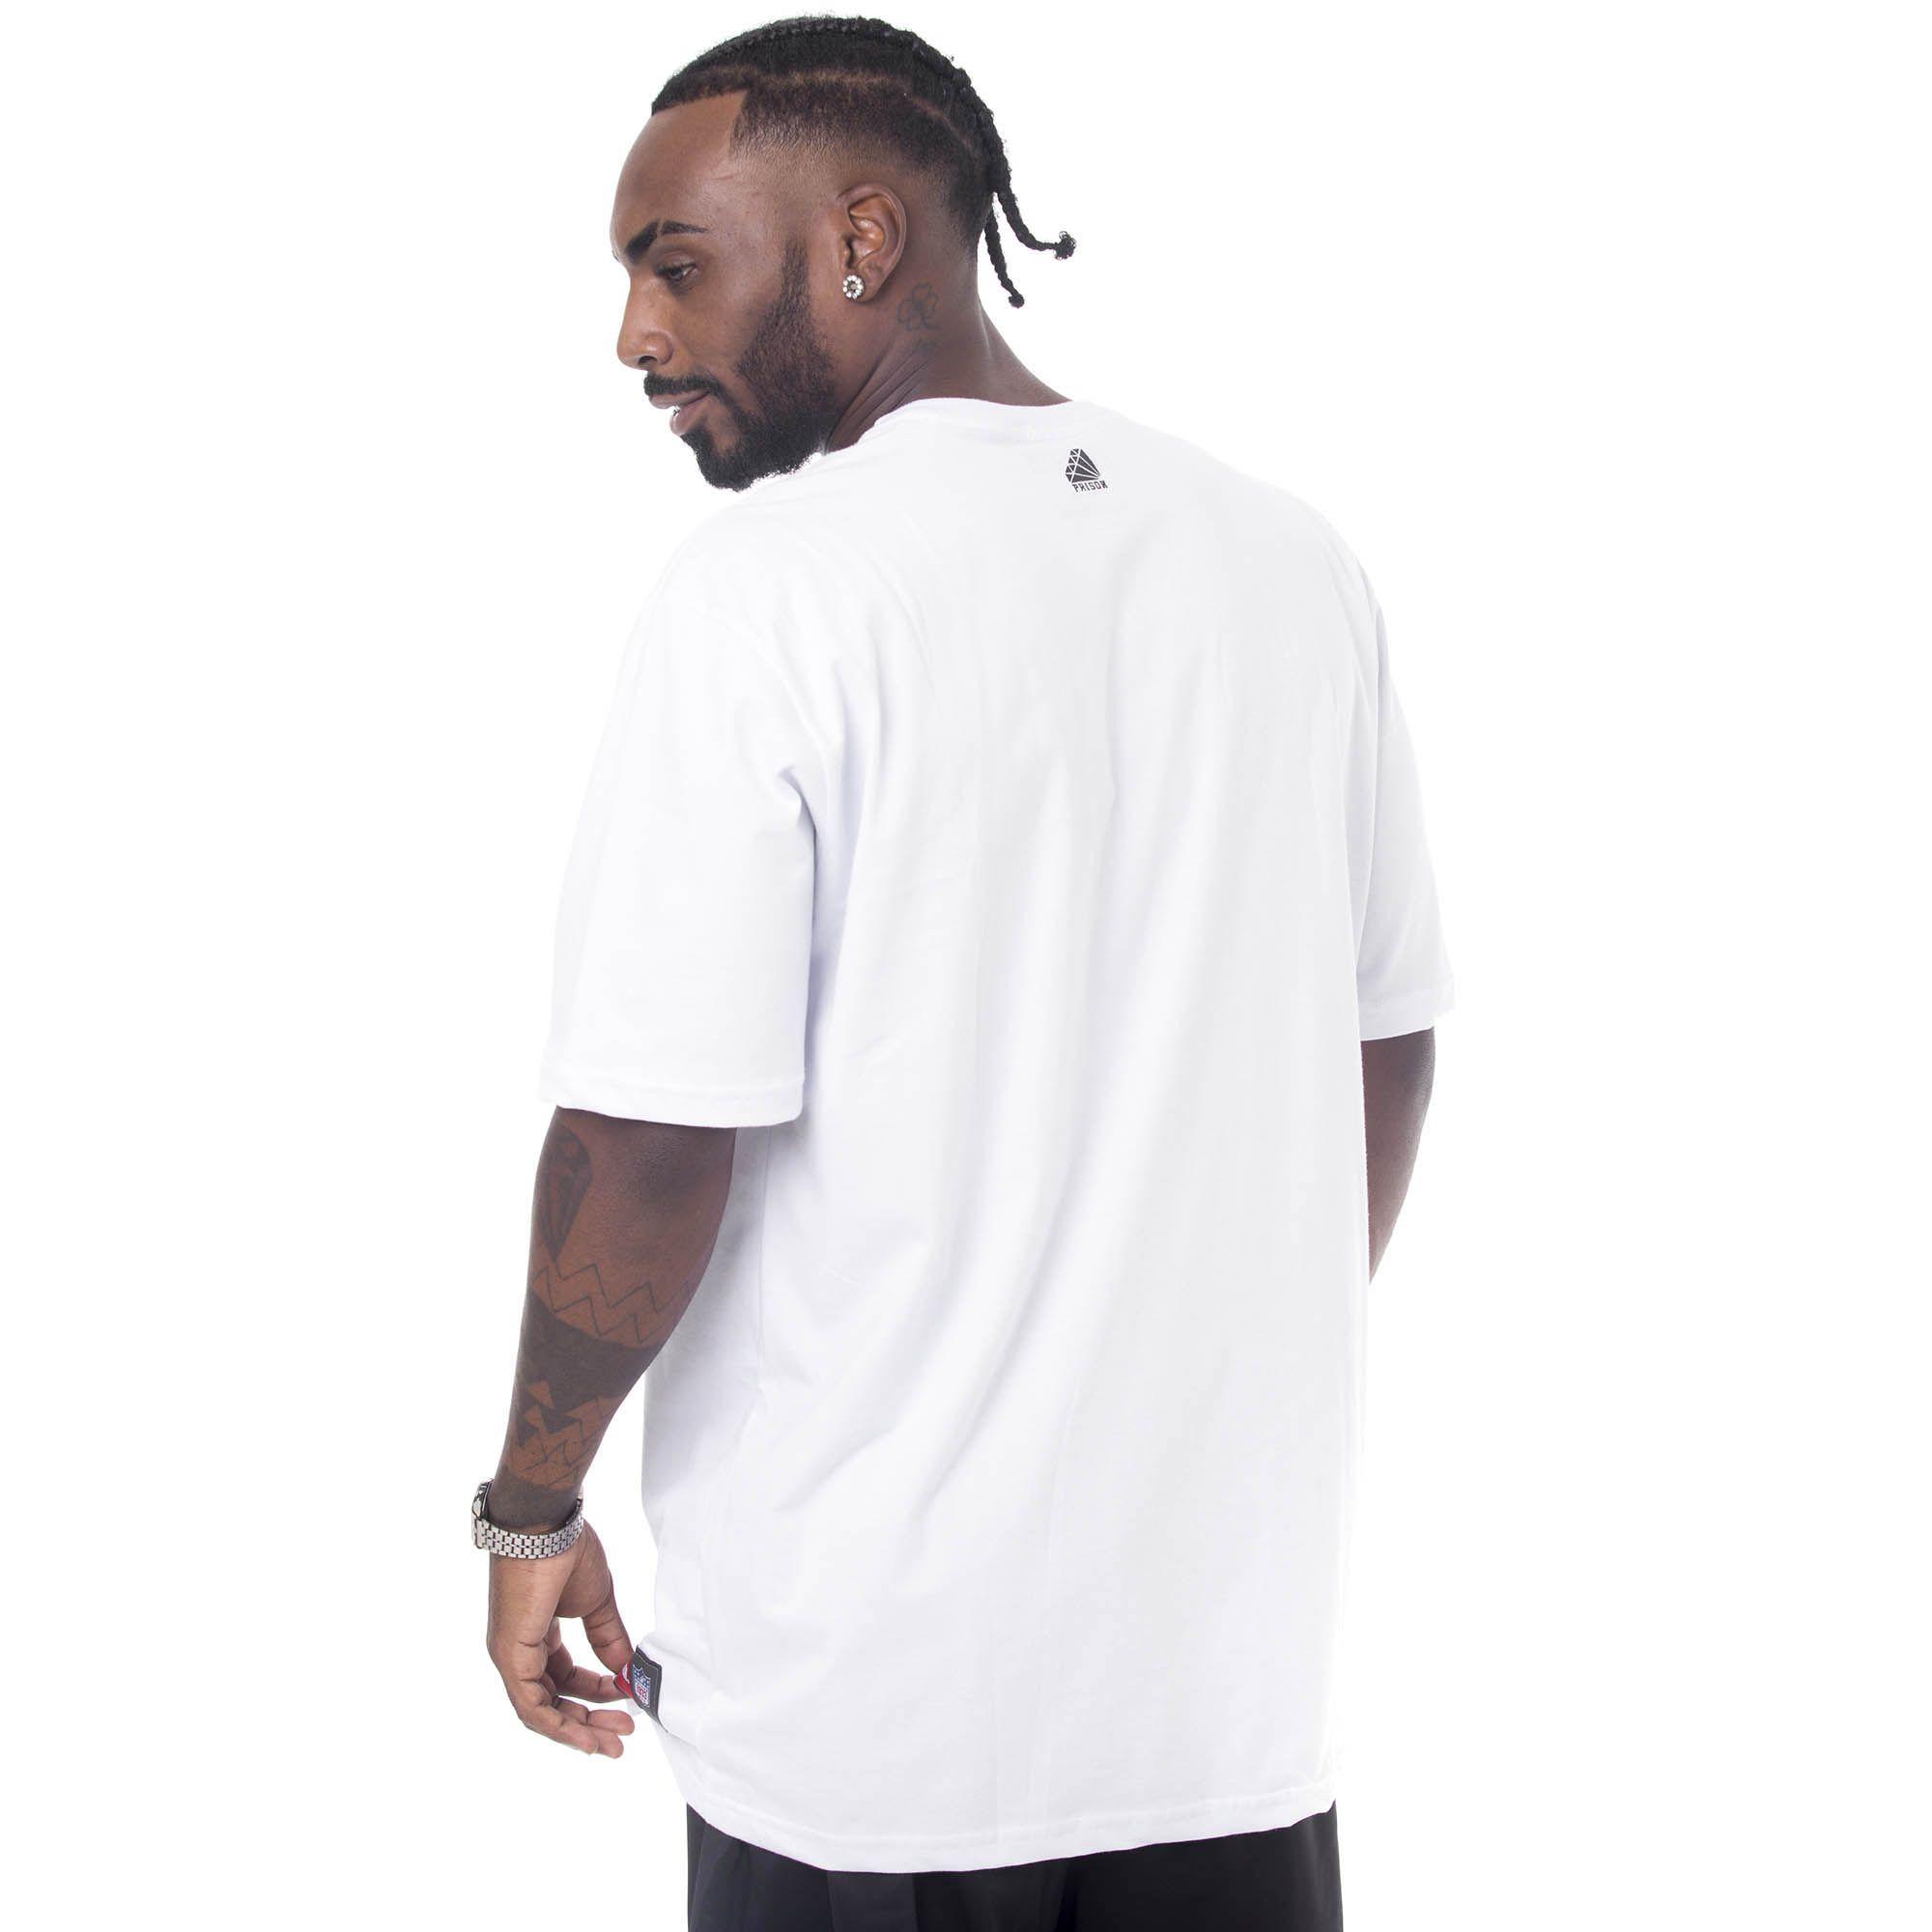 Camiseta Prison Bitch Discret Branca